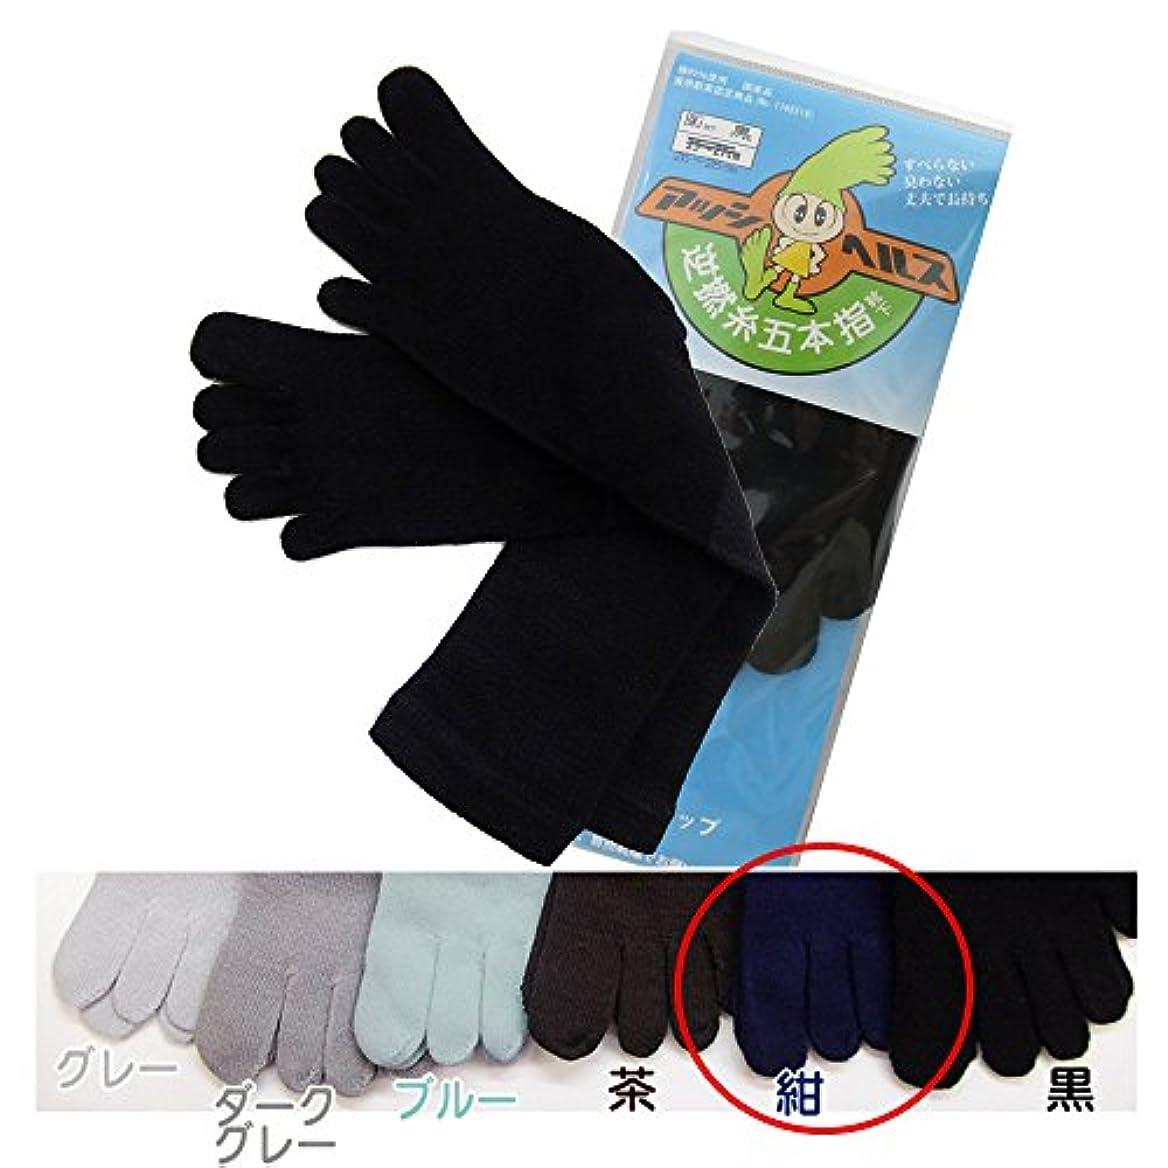 麦芽気性フリルアッシヘルス 逆撚糸五本指靴下 かかと付き 男性用 AA26~28cm BIG (紺)